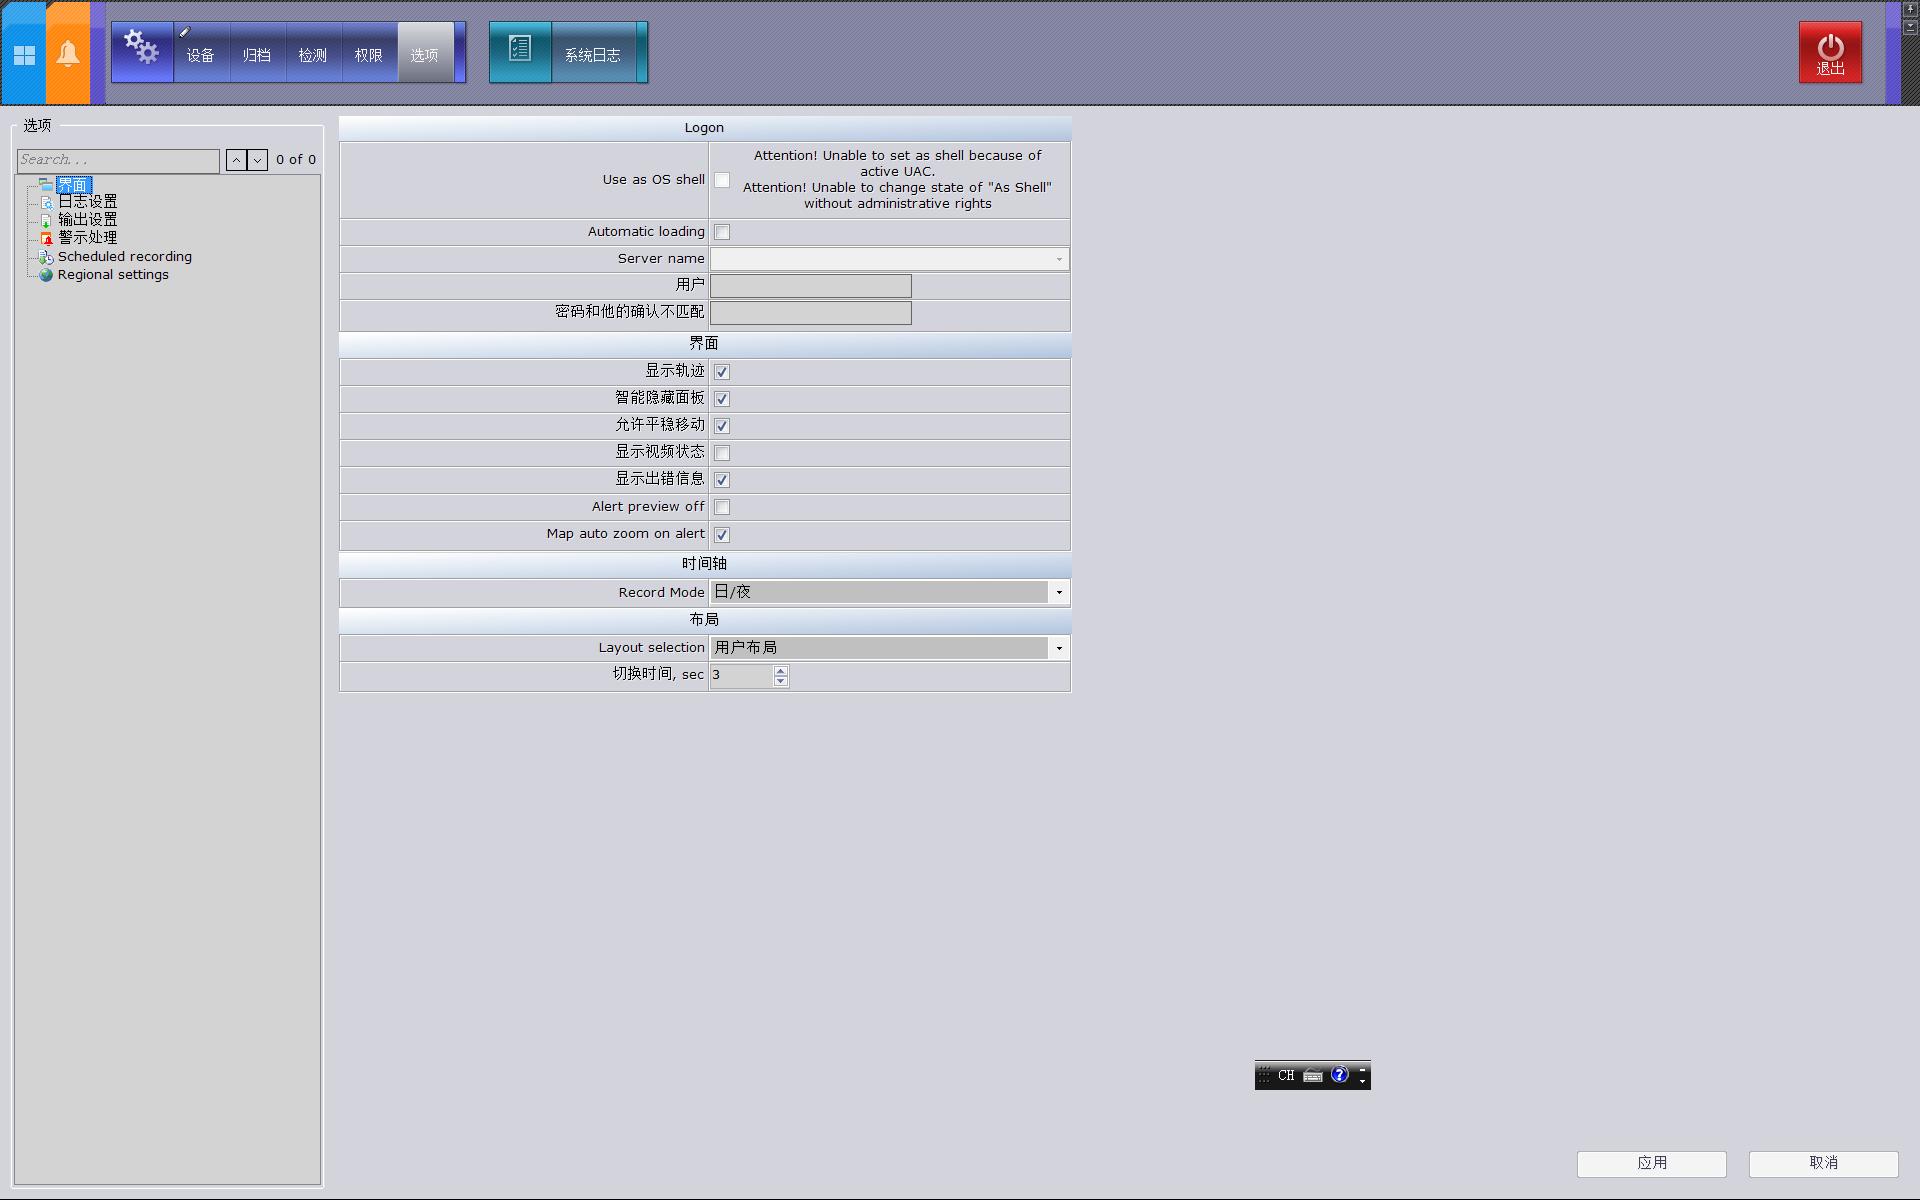 基本功能:  支持和所有H.323标准协议视频会议系统的联动  可以无缝兼容多个厂家的网络视频监控设备,并且可以同时支持不同码流同时显示  完善的用户权限管理机制支持多级系统的分级式管理  支持多级电子地图  支持互联网通信,使用域名绑定的方式集中管理视频服务器或者网络摄像机  可以无缝兼容多个厂家的网络视频监控设备,并且可以同时支持不同码流同时显示  客户端支持鼠标图控和控制键盘控制摄像机的PTZ  数字矩阵系统支持模拟键盘控制摄像机的PTZ,配合多协议解码器可以支持不同厂家的视频码流同时